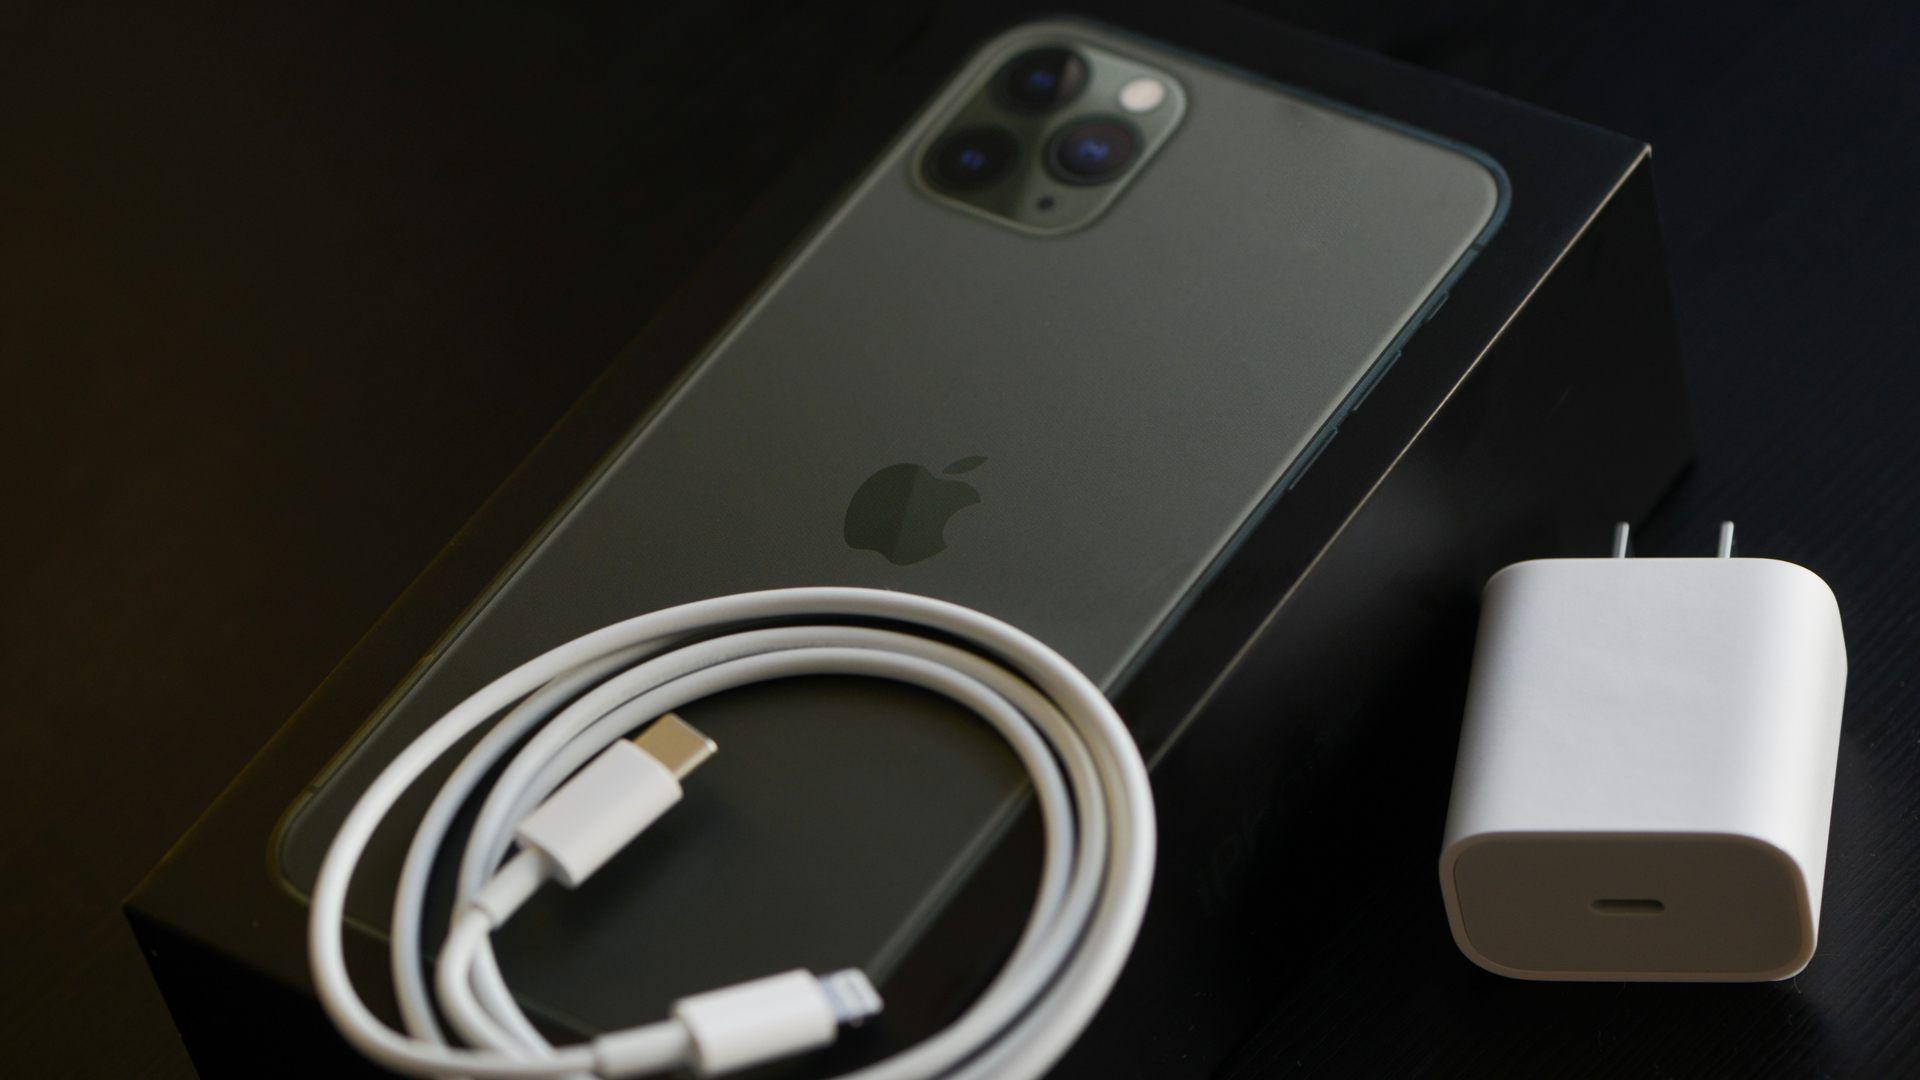 Imagem do iPhone 11 Pro Max com seu cabo USB e carregador